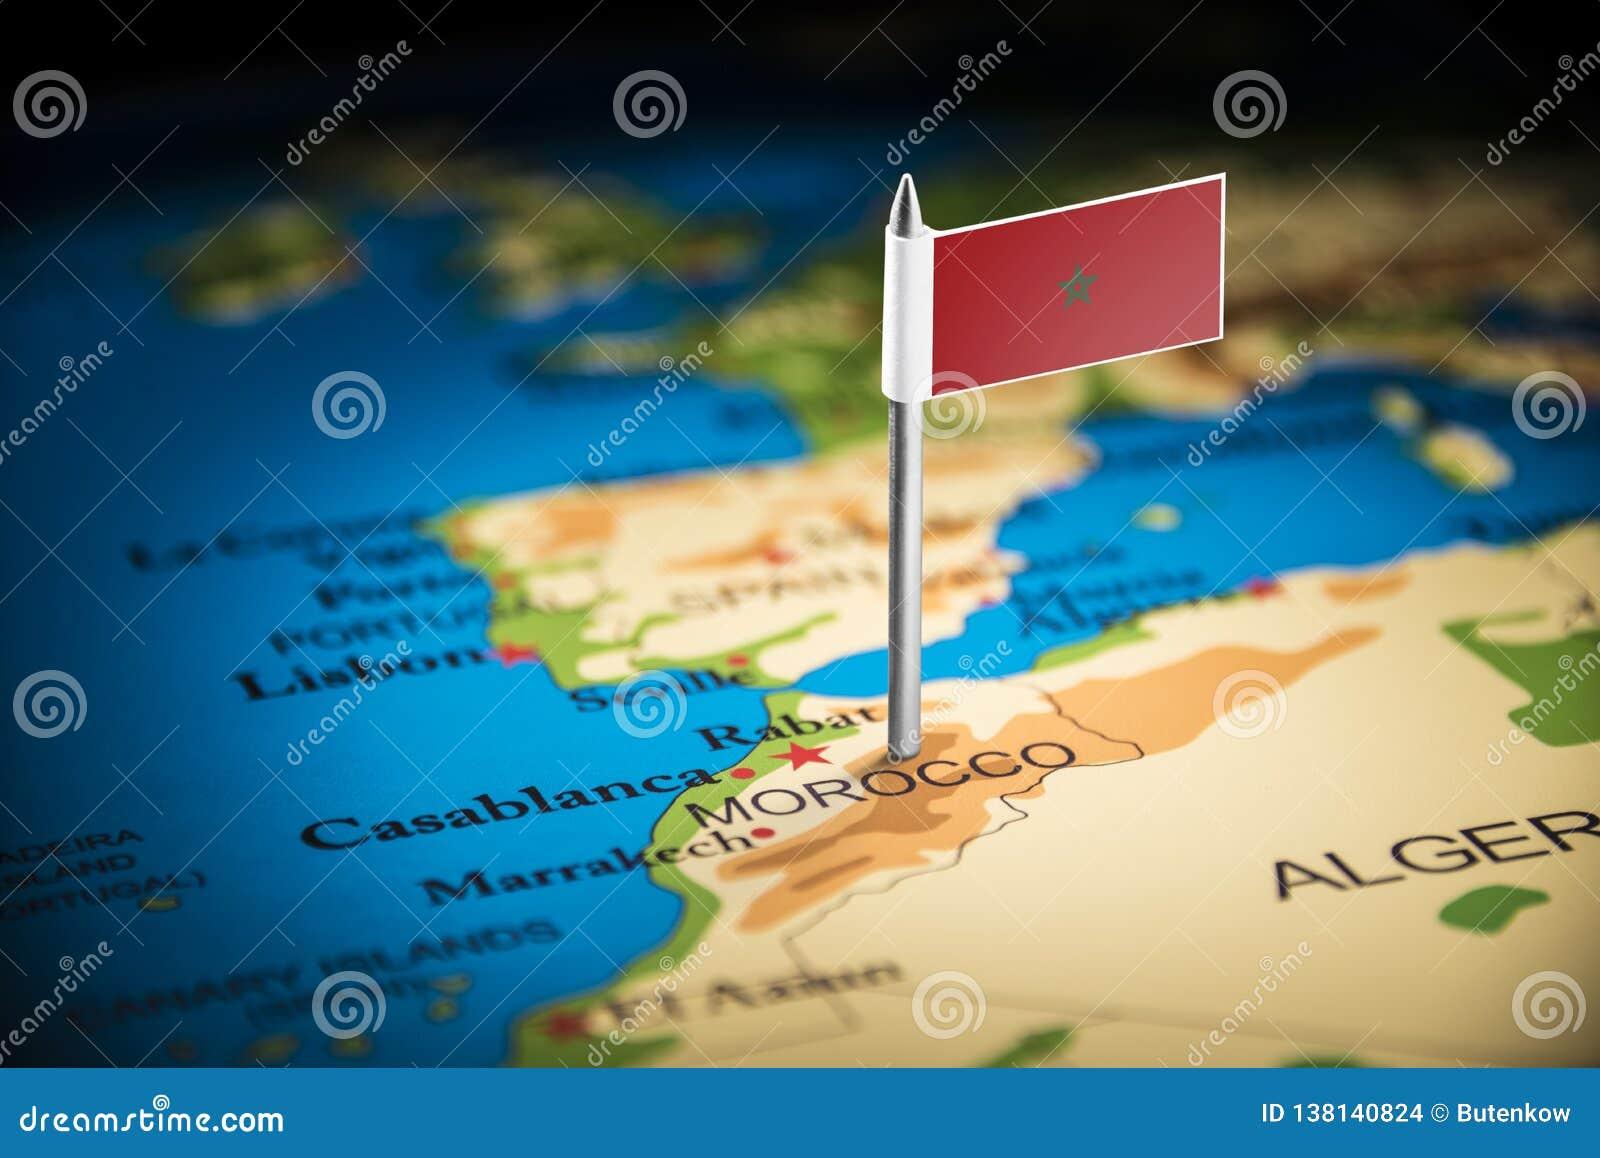 Marokko markierte mit einer Flagge auf der Karte